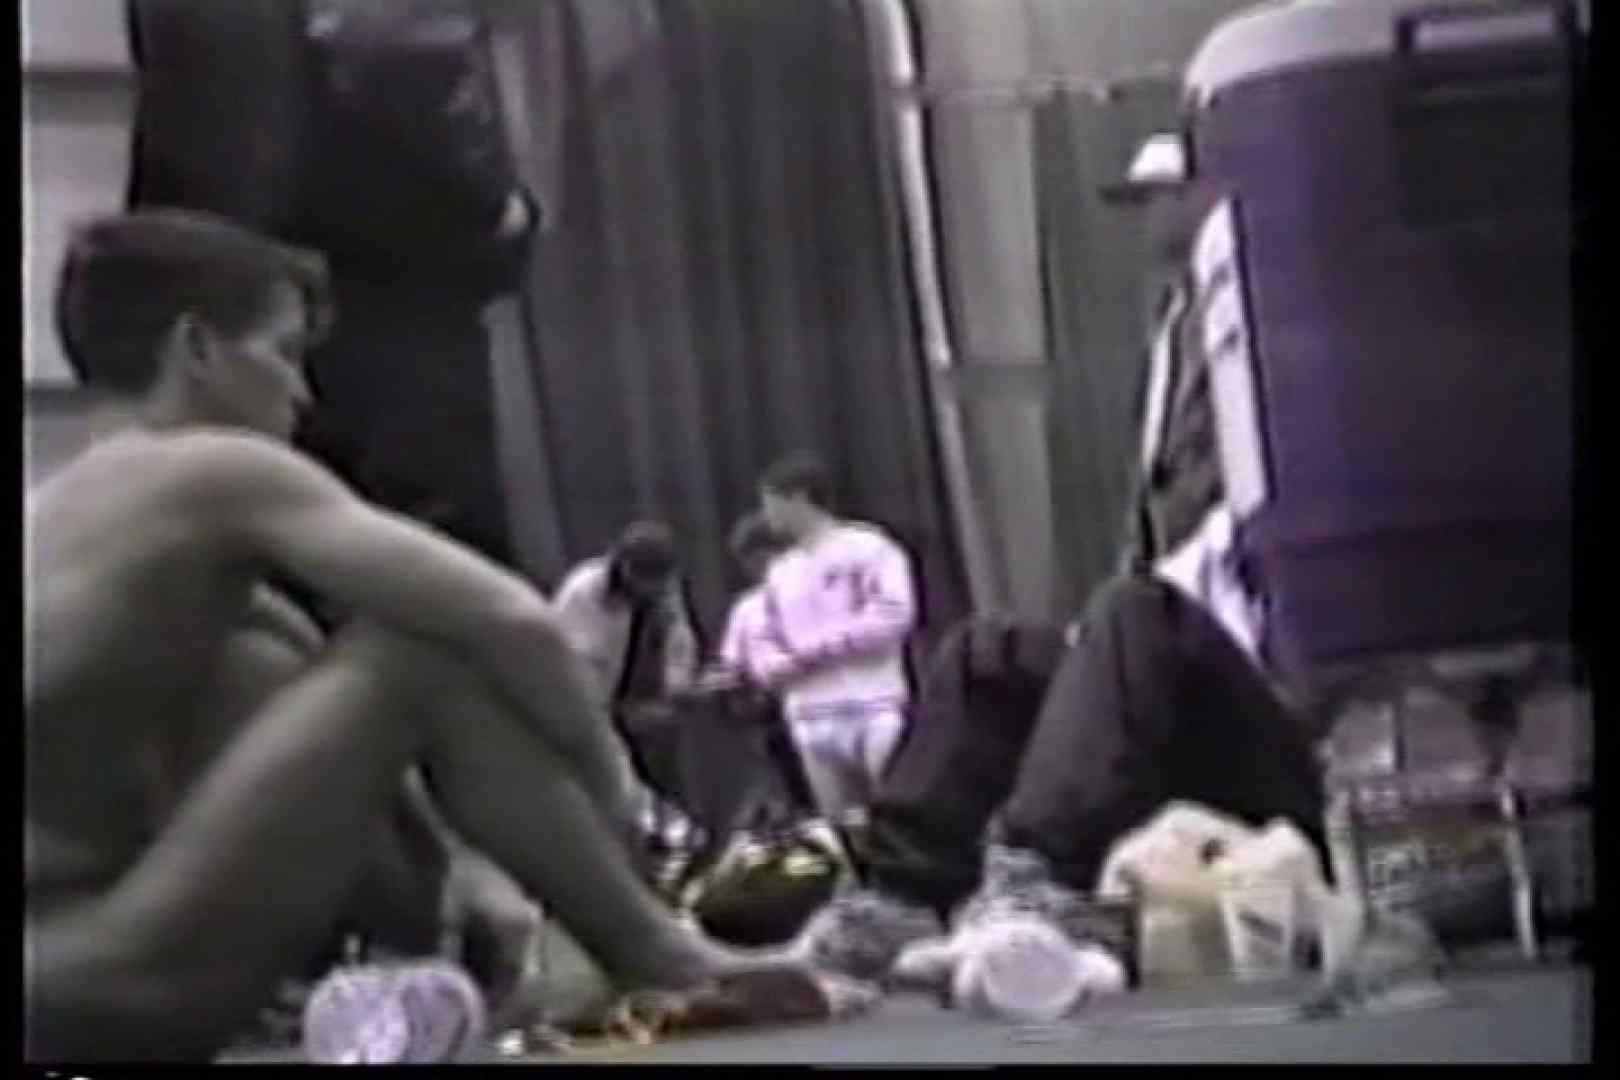 洋人さんの脱衣所を覗いてみました。VOL.5 男パラダイス 尻マンコ画像 12画像 3